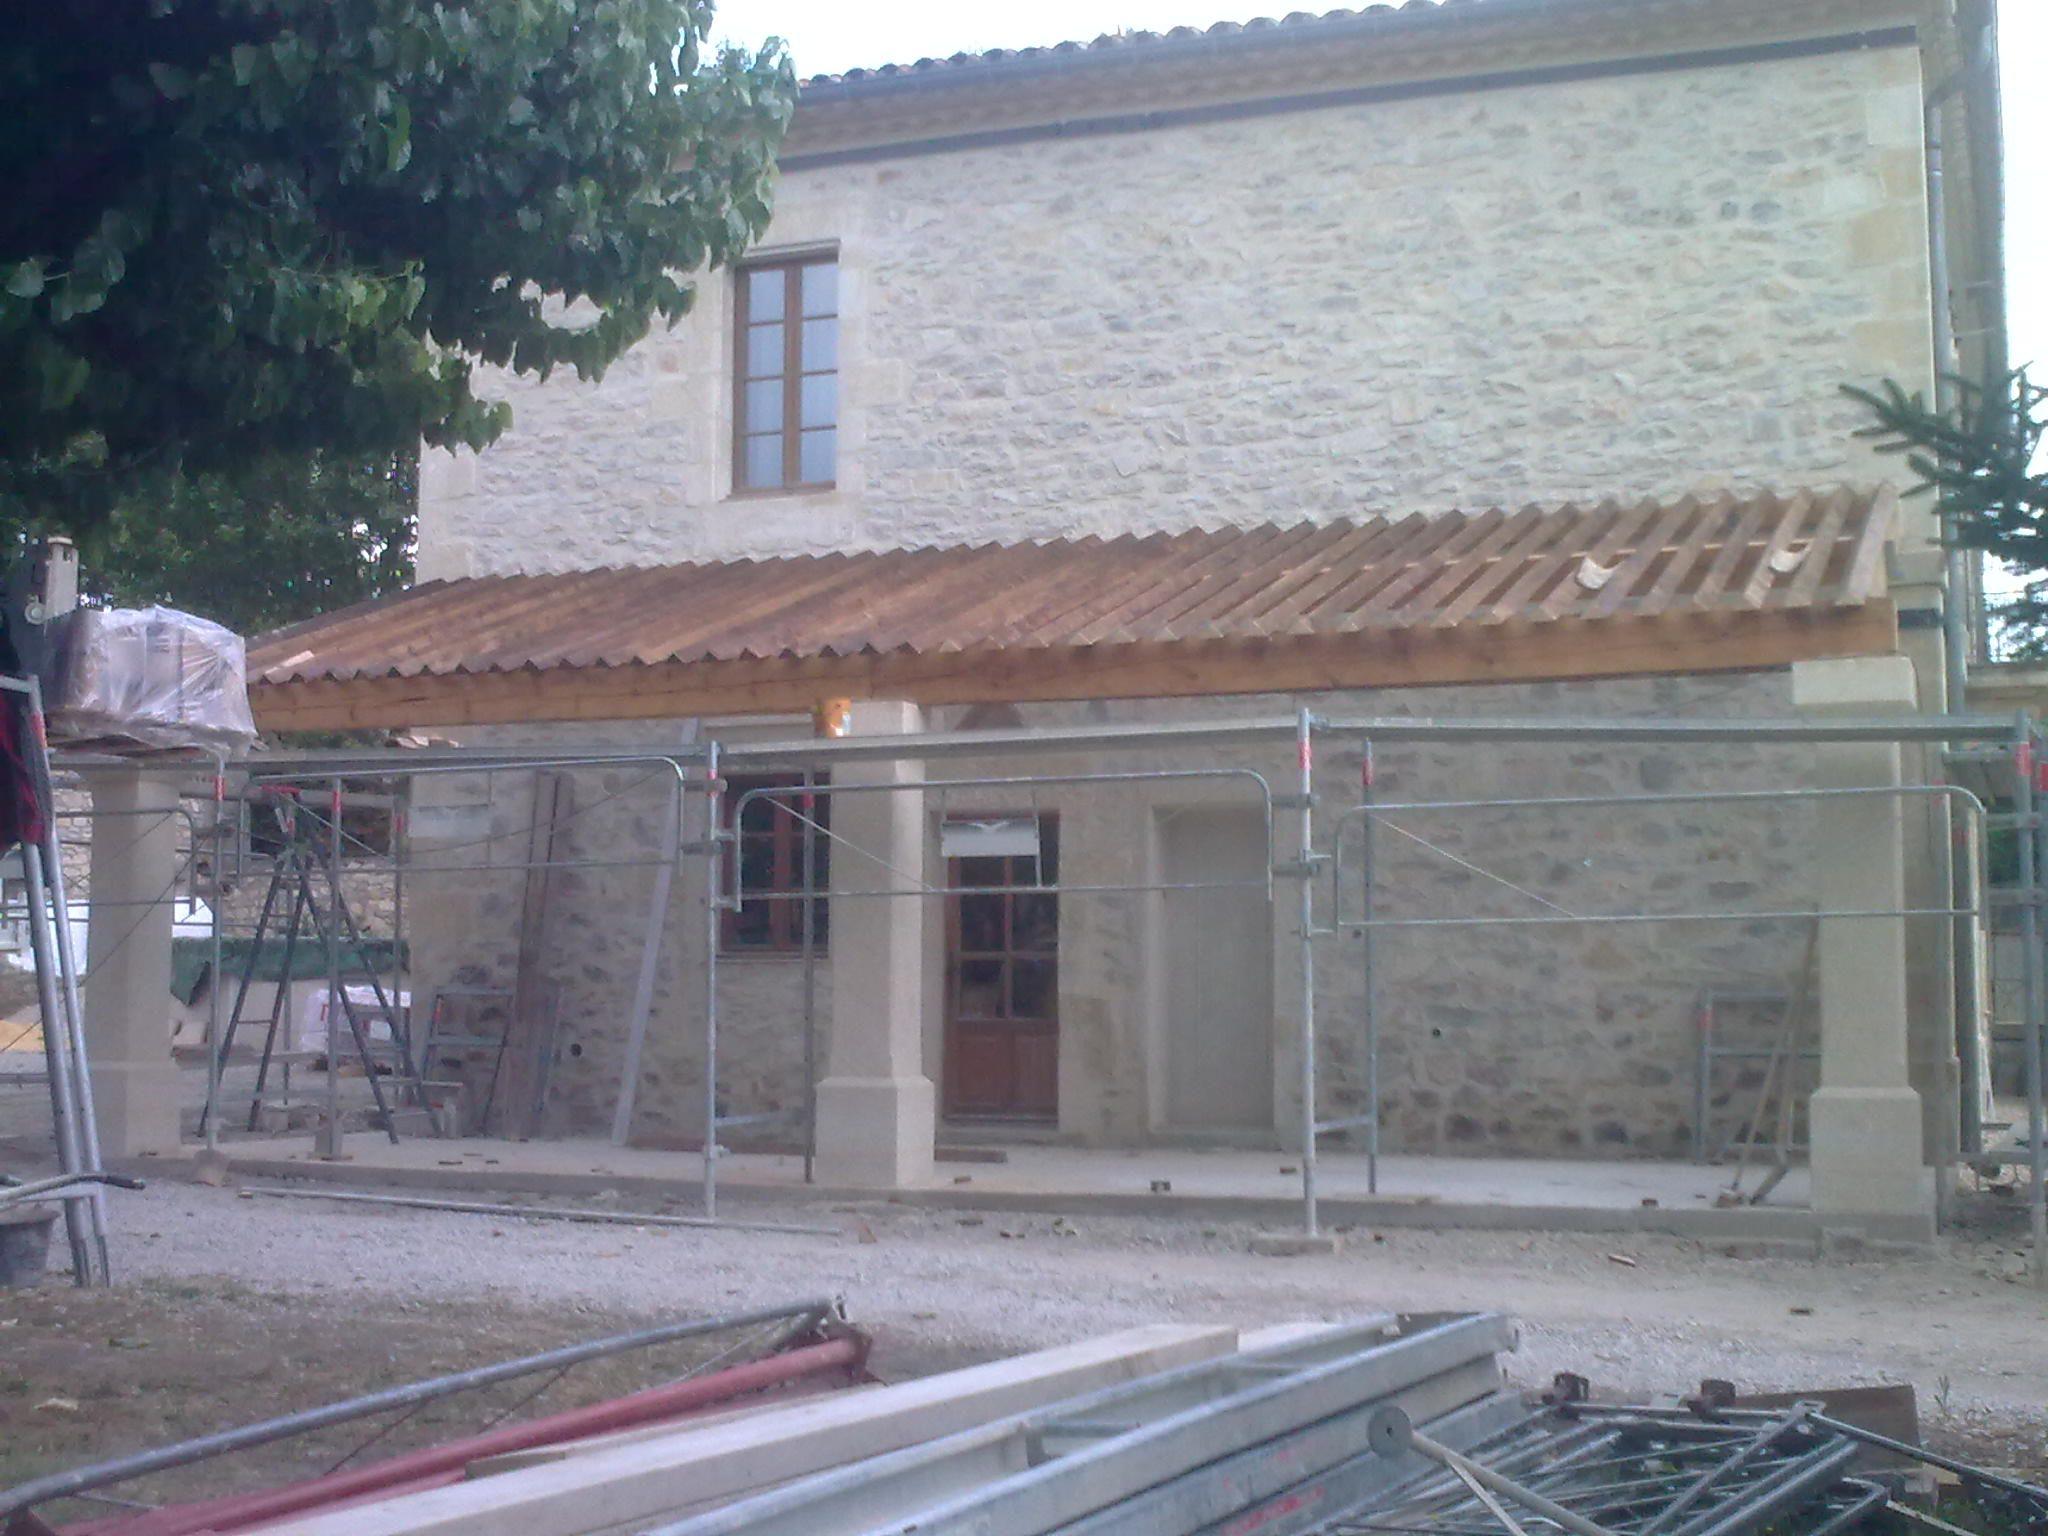 Restauration de la façade d'un mas dans l'Hérault, création d'un auvent, charpente traditionnelle piliers en pierres taillées.